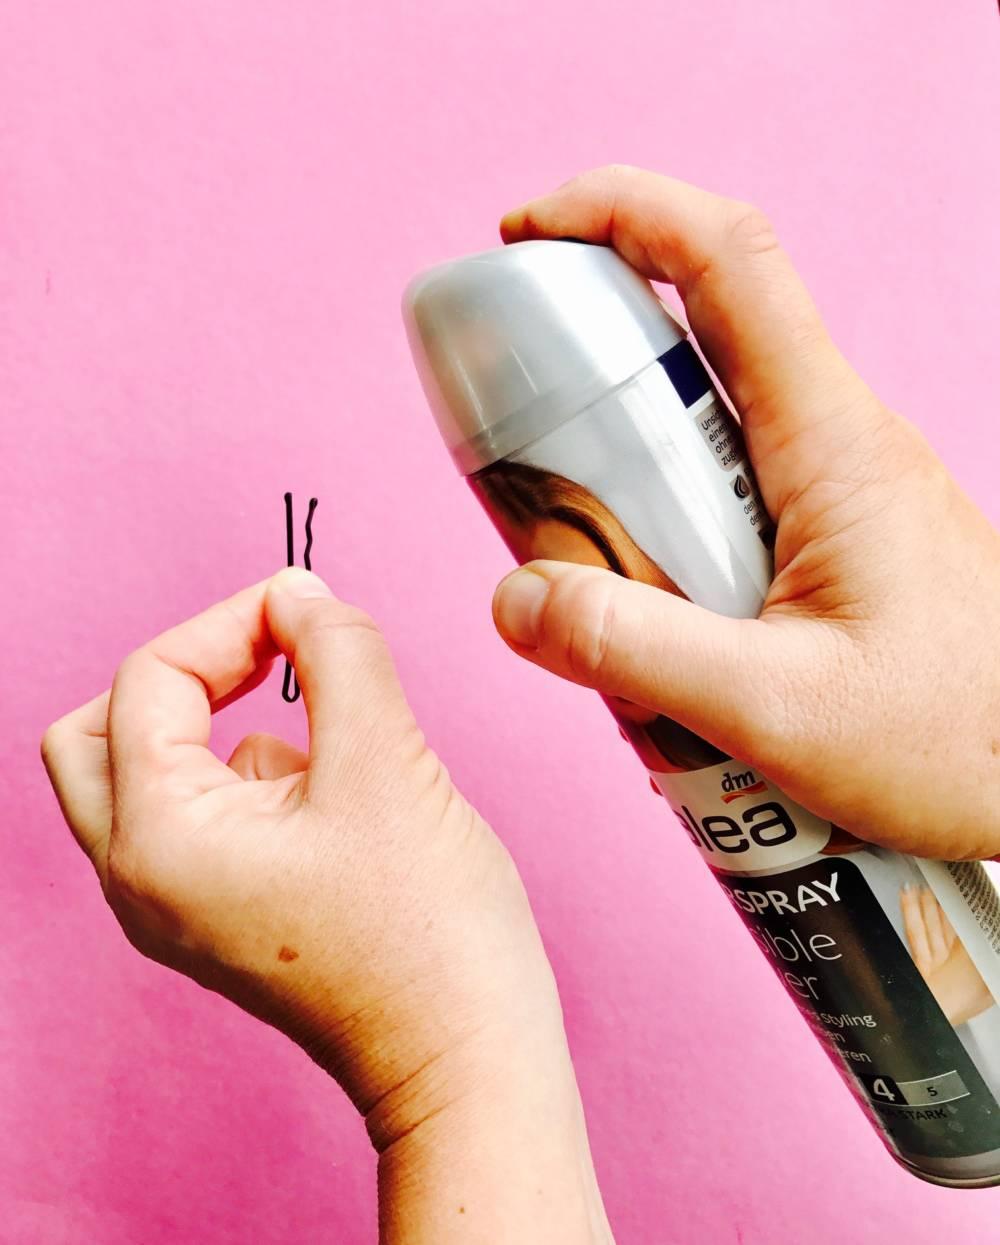 Haarklammer mit Haarspray einsprühen